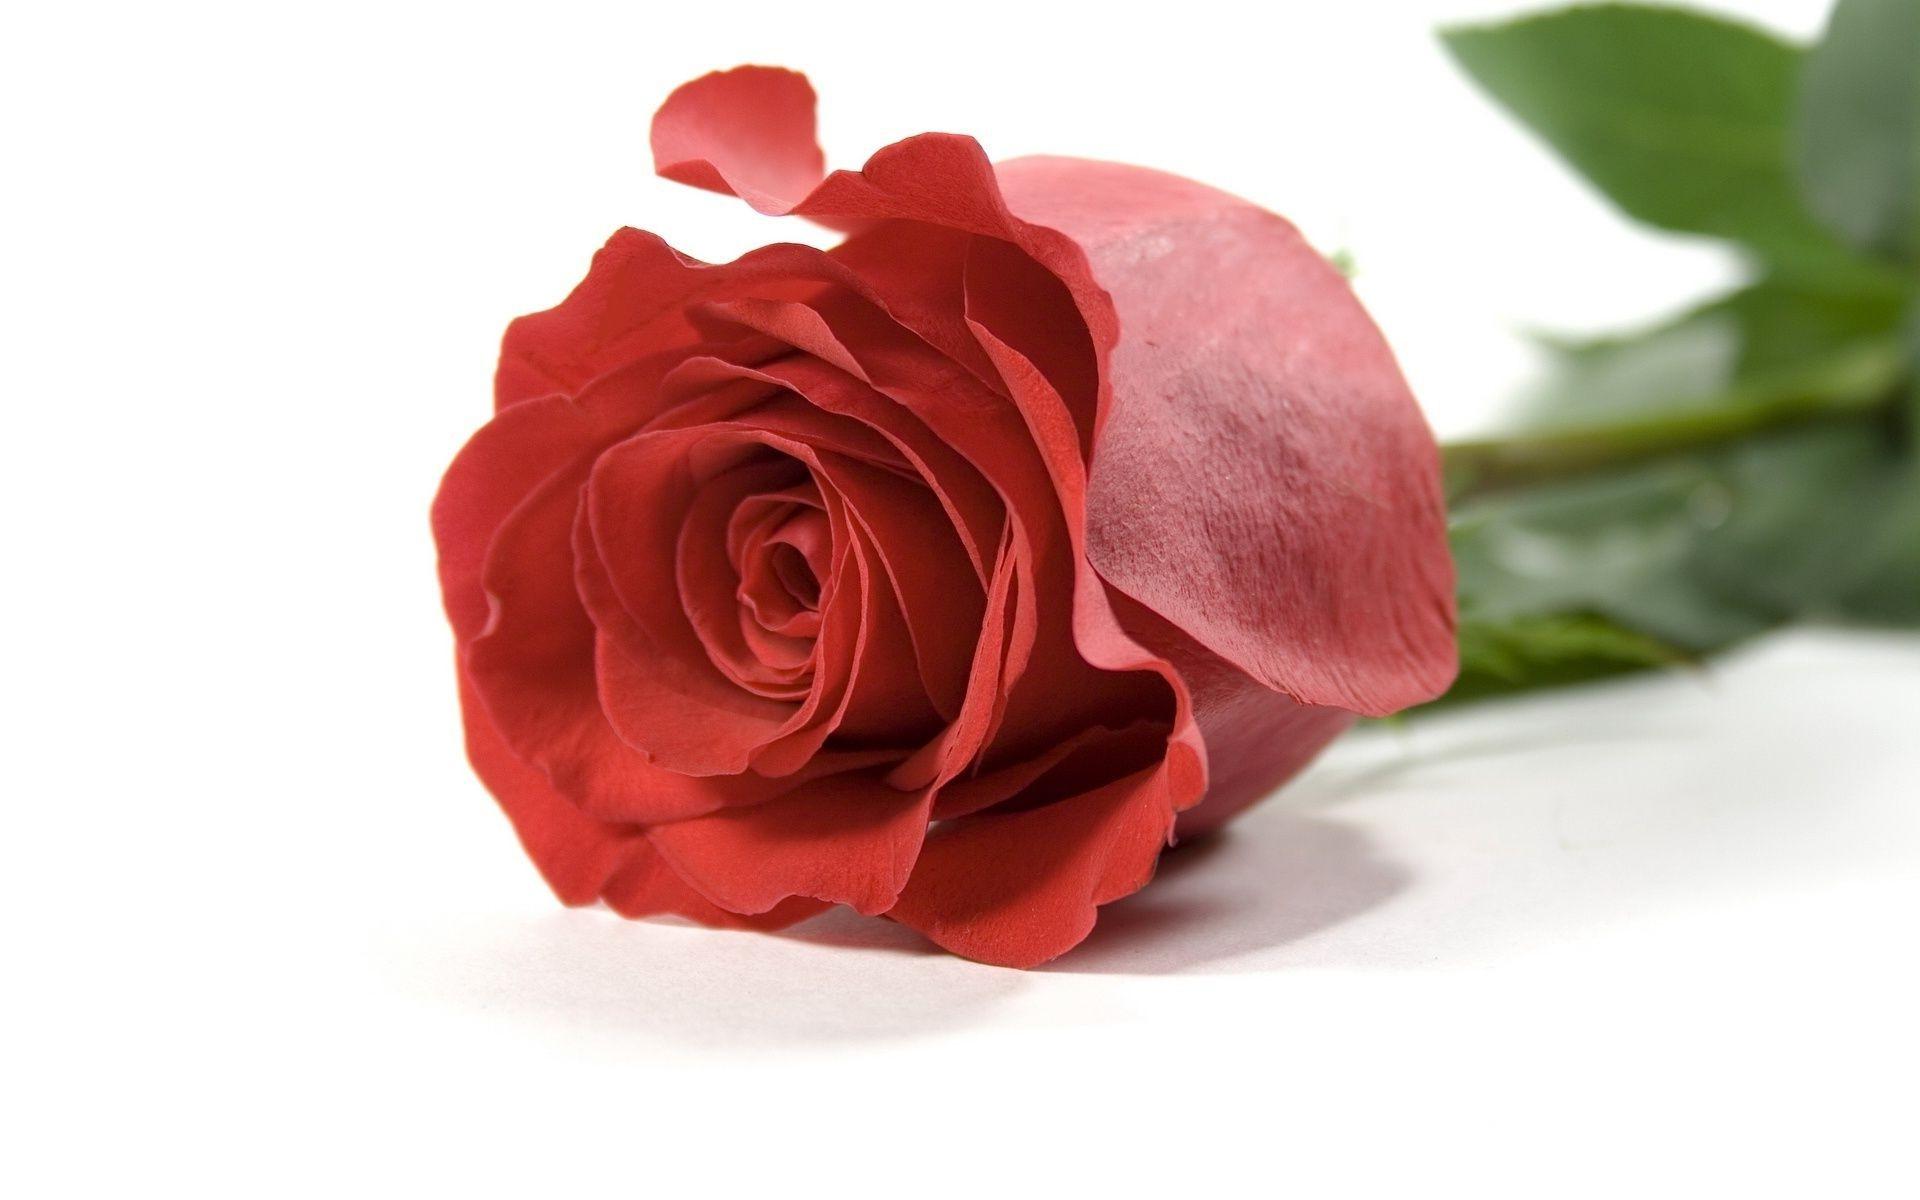 Города будущего, роза красная картинки